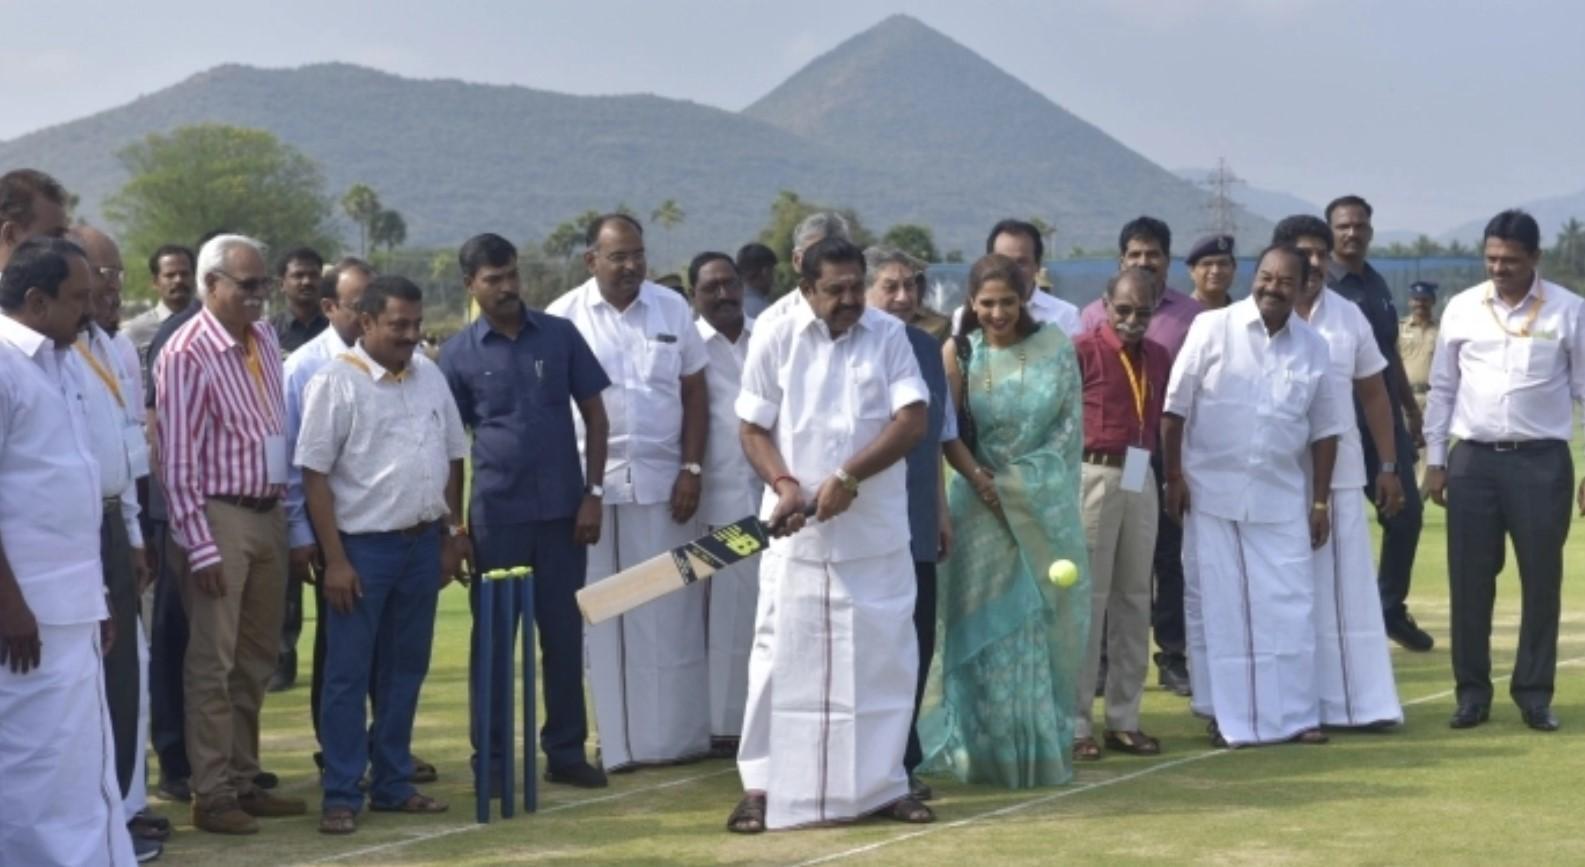 ராகுல் ட்ராவிட் வீசிய பந்துக்கு கிரிக்கெட் விளையாடிய  முதல்வர் இபிஎஸ்!